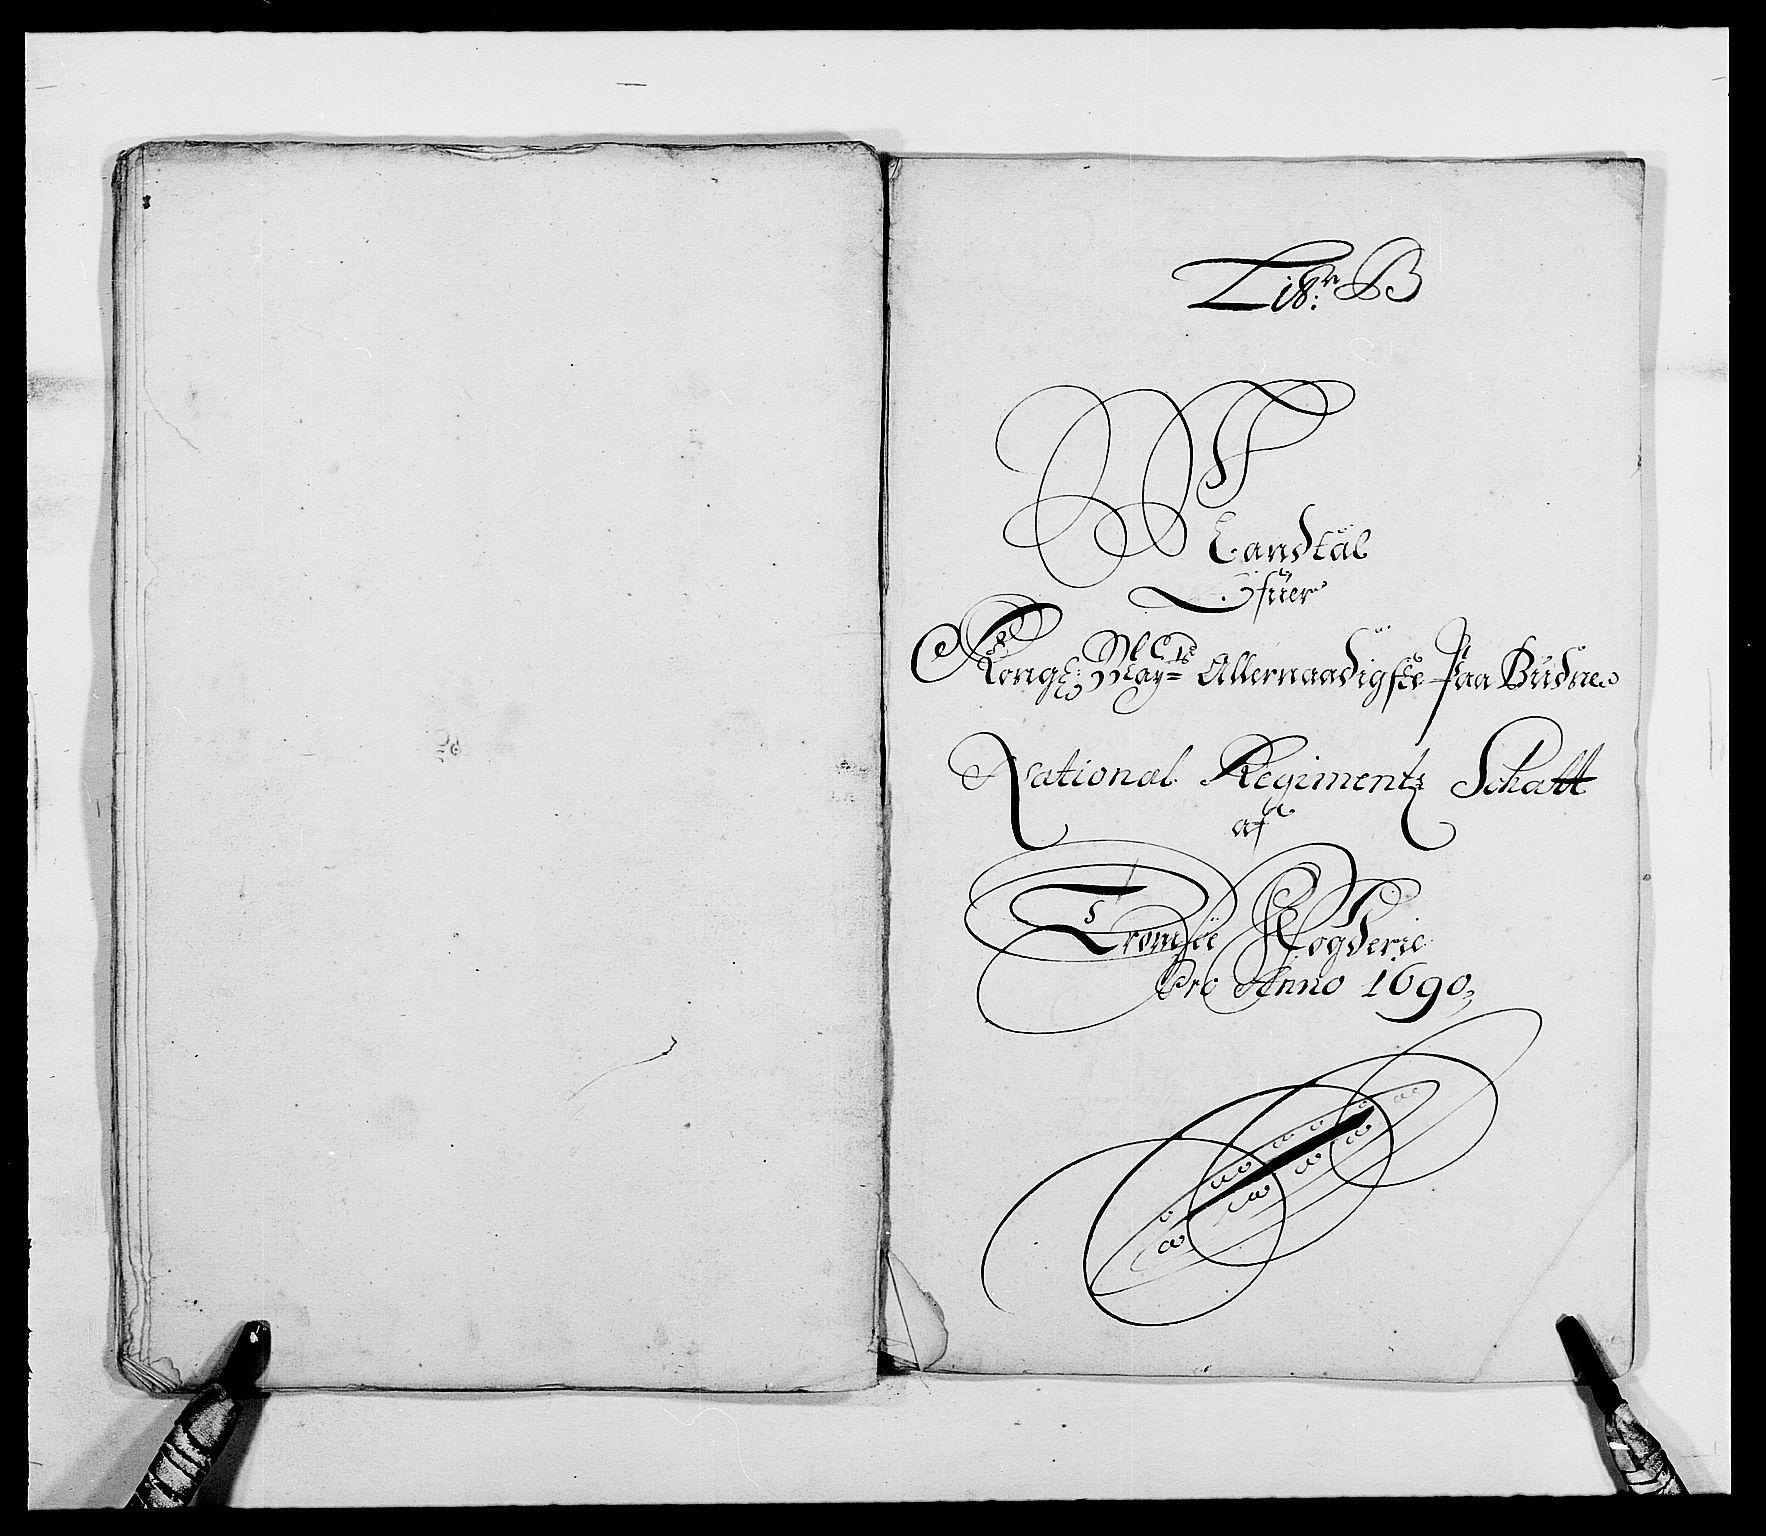 RA, Rentekammeret inntil 1814, Reviderte regnskaper, Fogderegnskap, R68/L4751: Fogderegnskap Senja og Troms, 1690-1693, s. 21